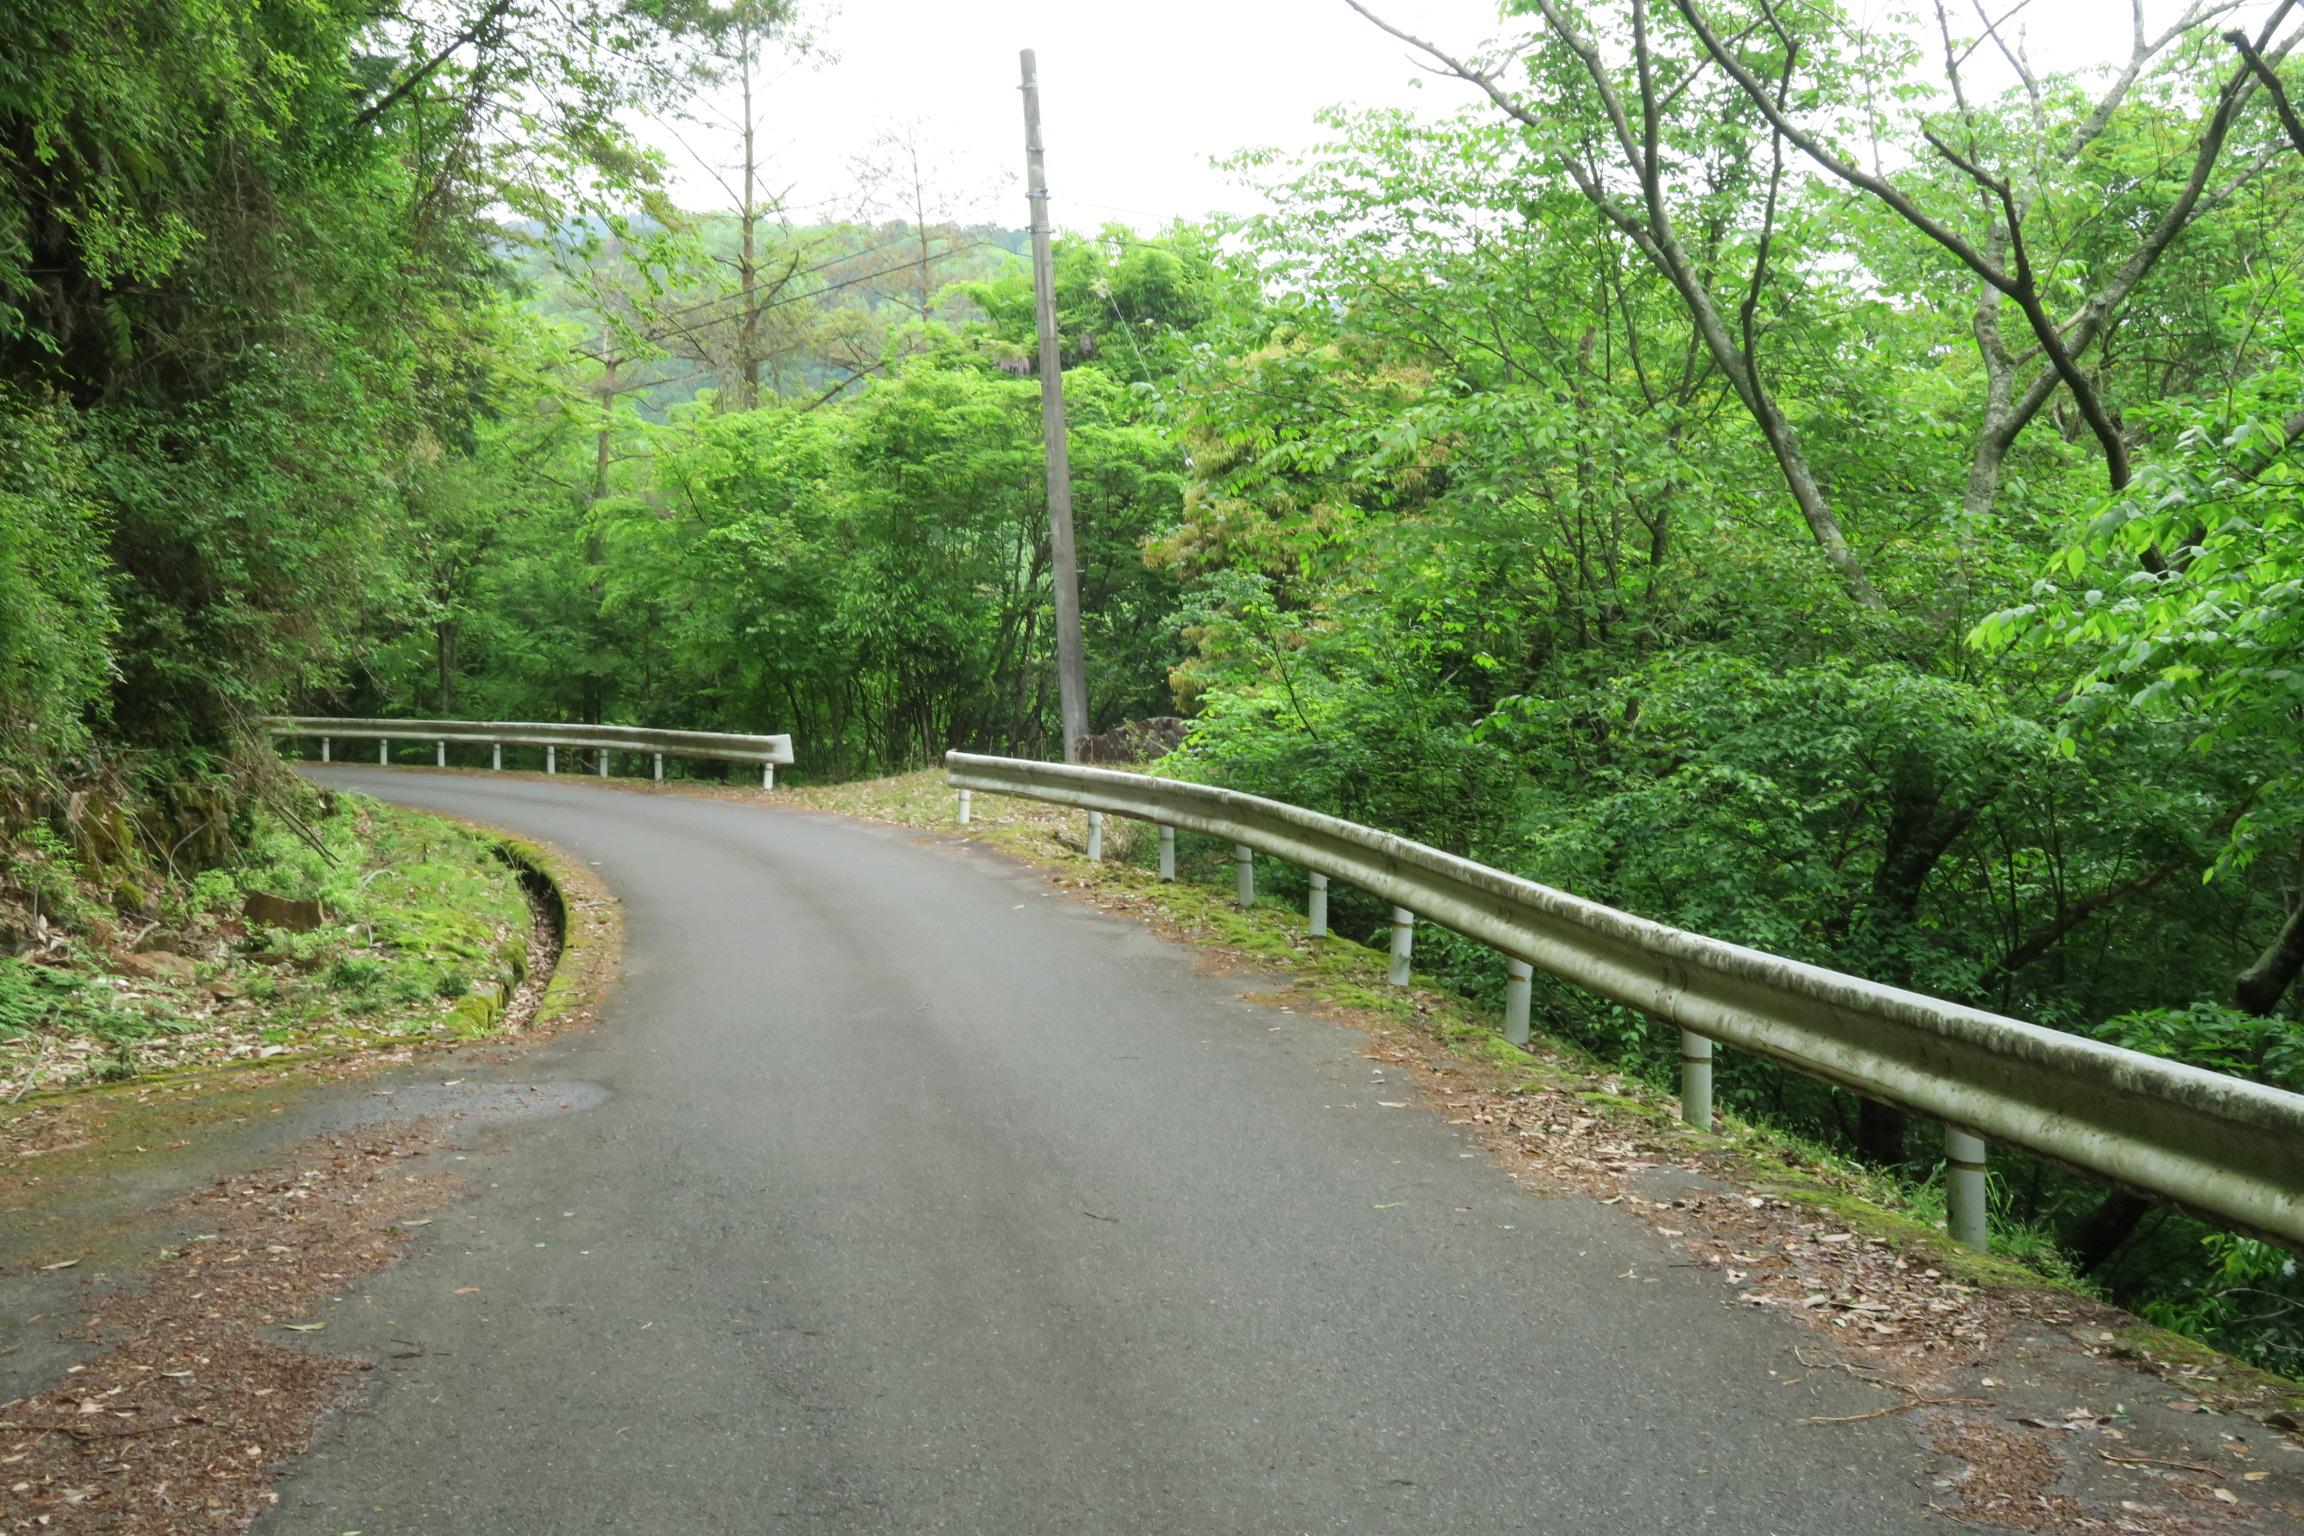 ダム周辺の道は整備されていて走りやすいです。対向車も少なめでゆっくり走れます。。